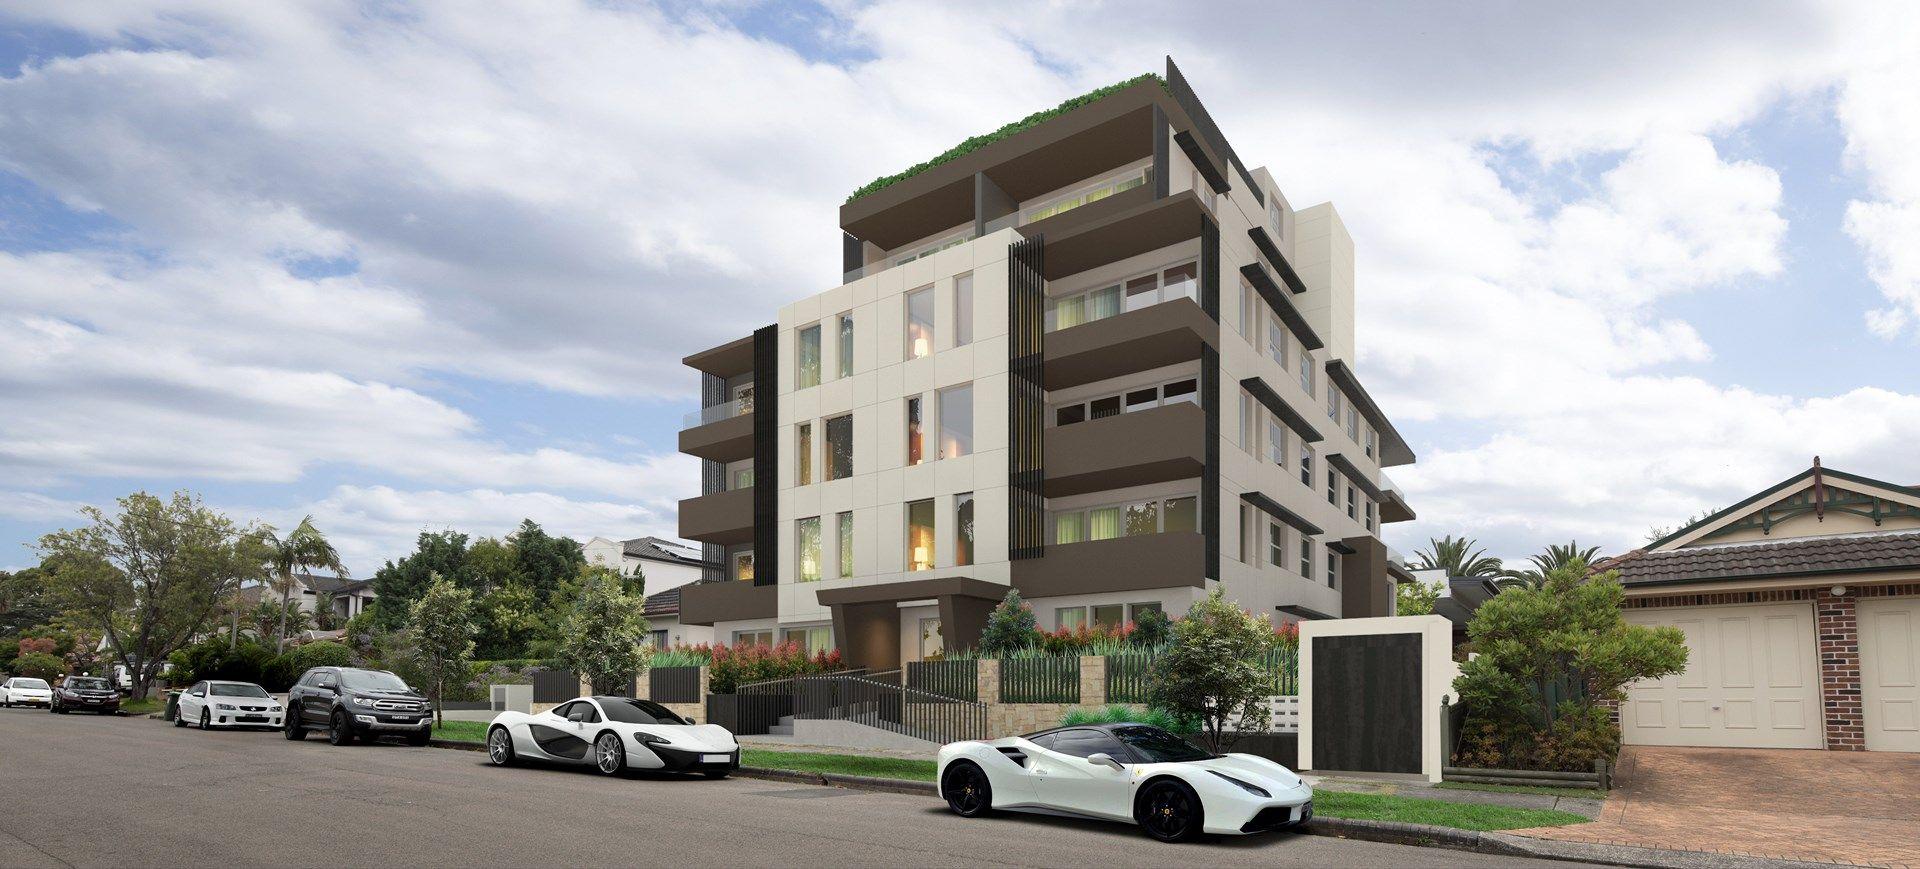 1-3 John Street, Kogarah Bay NSW 2217, Image 2